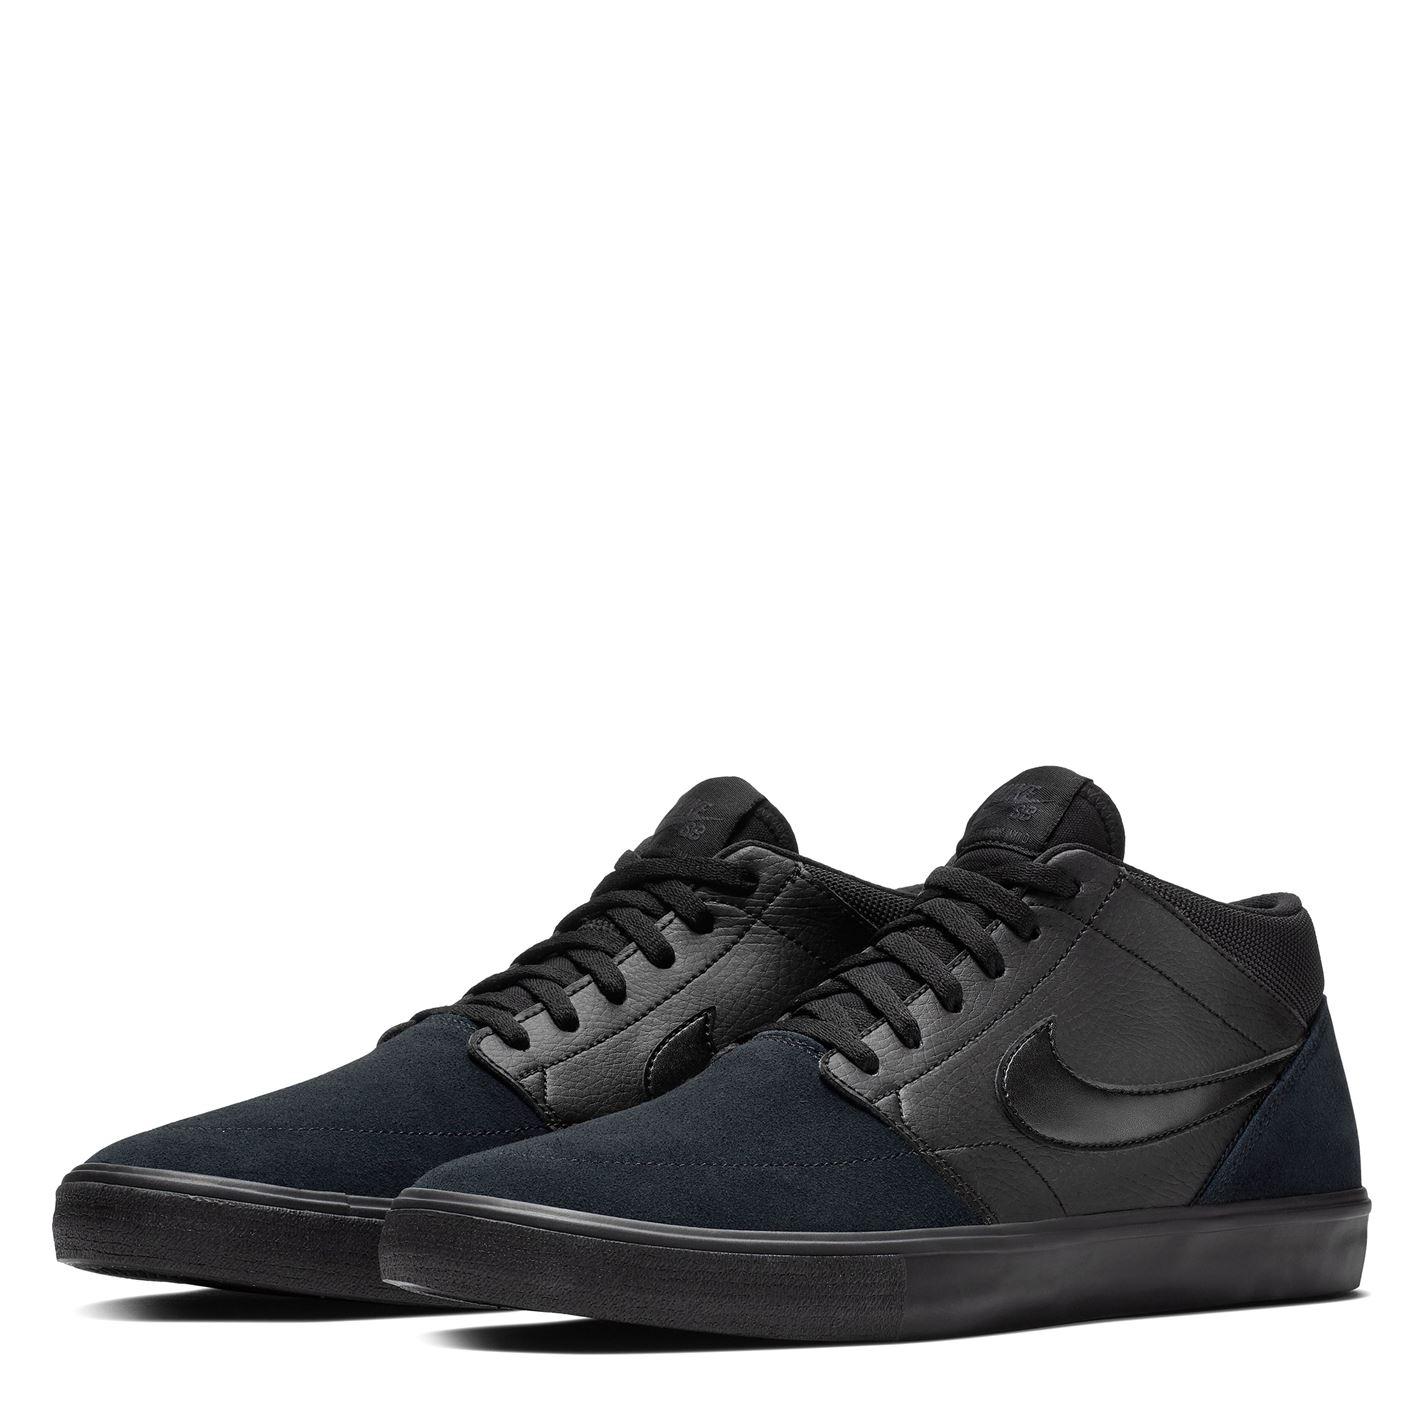 Nike SB Portmore Mid Pánská obuv 24209403 9 (44)